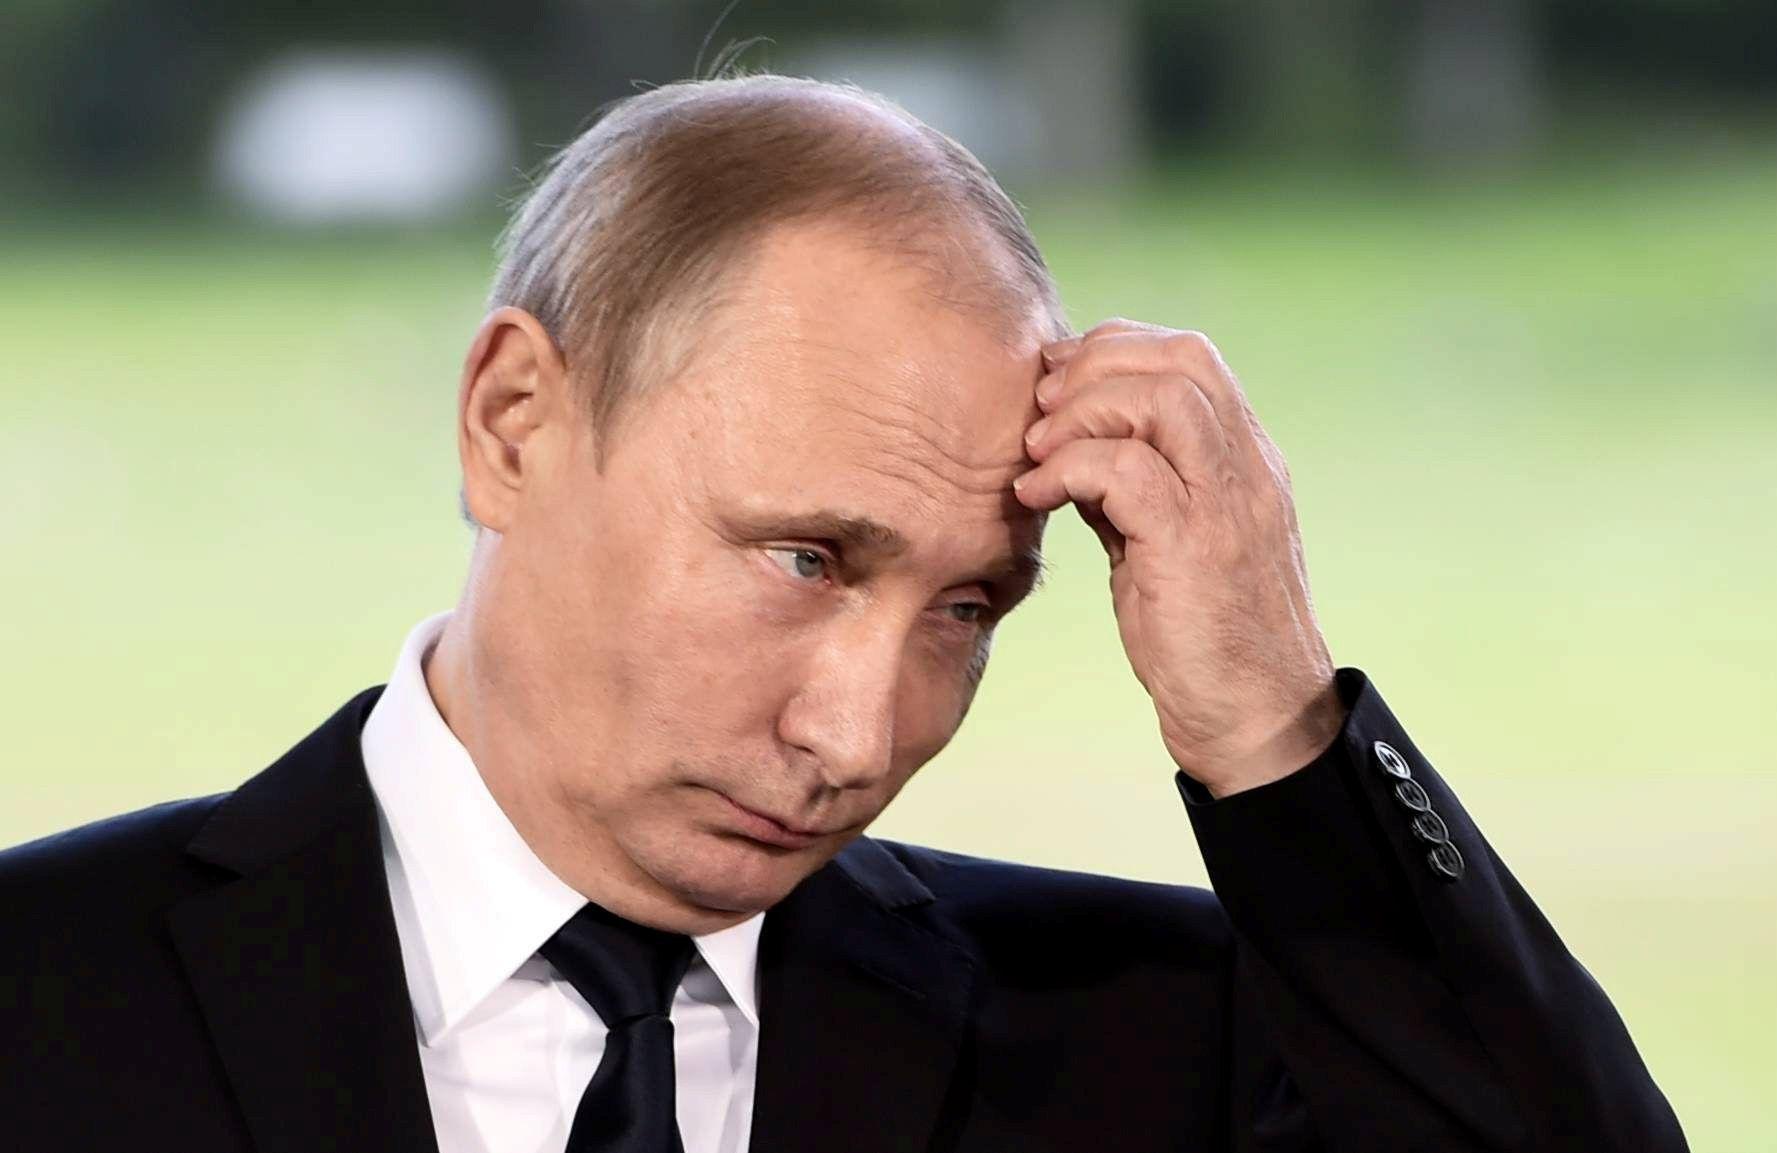 Chute du pétrole et sanctions commerciales : la côte de popularité de Vladimir Poutine à l'épreuve de la dégradation des conditions économiques des Russes